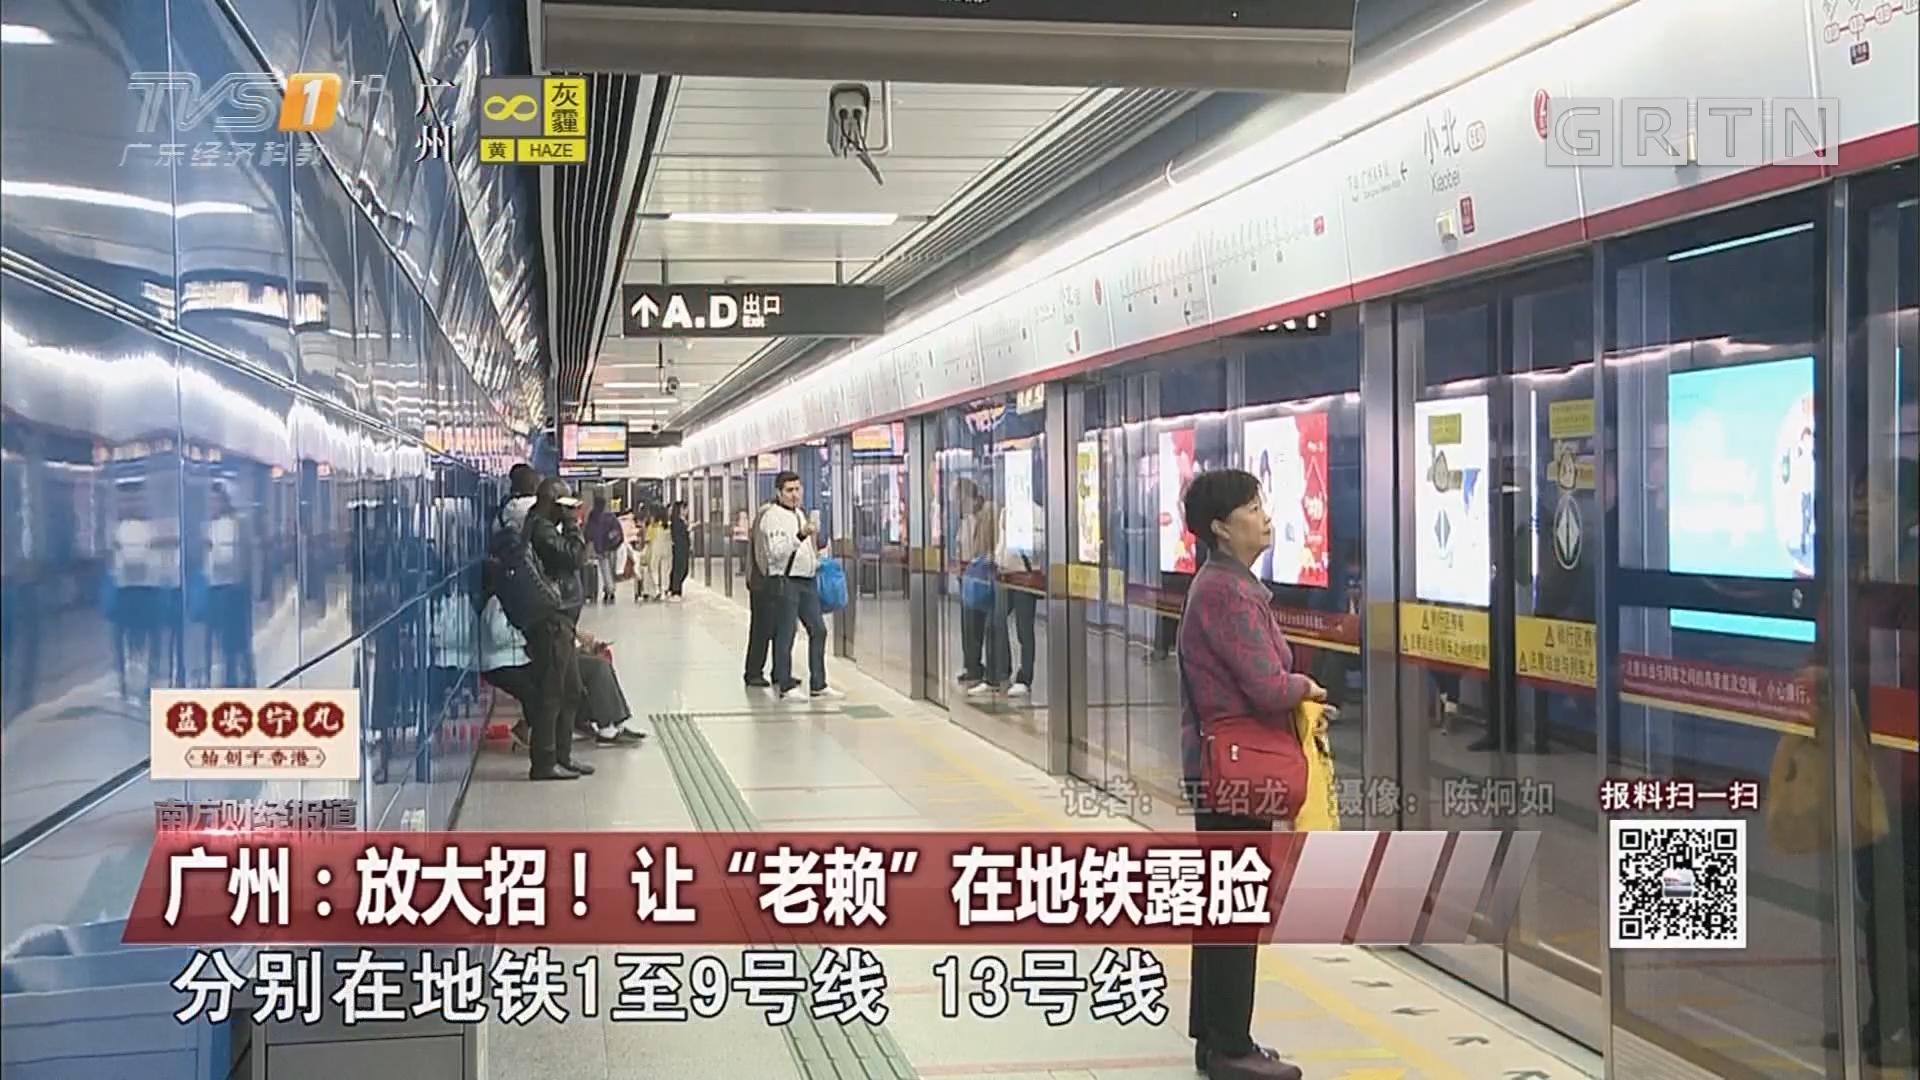 """广州:放大招!让""""老赖""""在地铁露脸"""